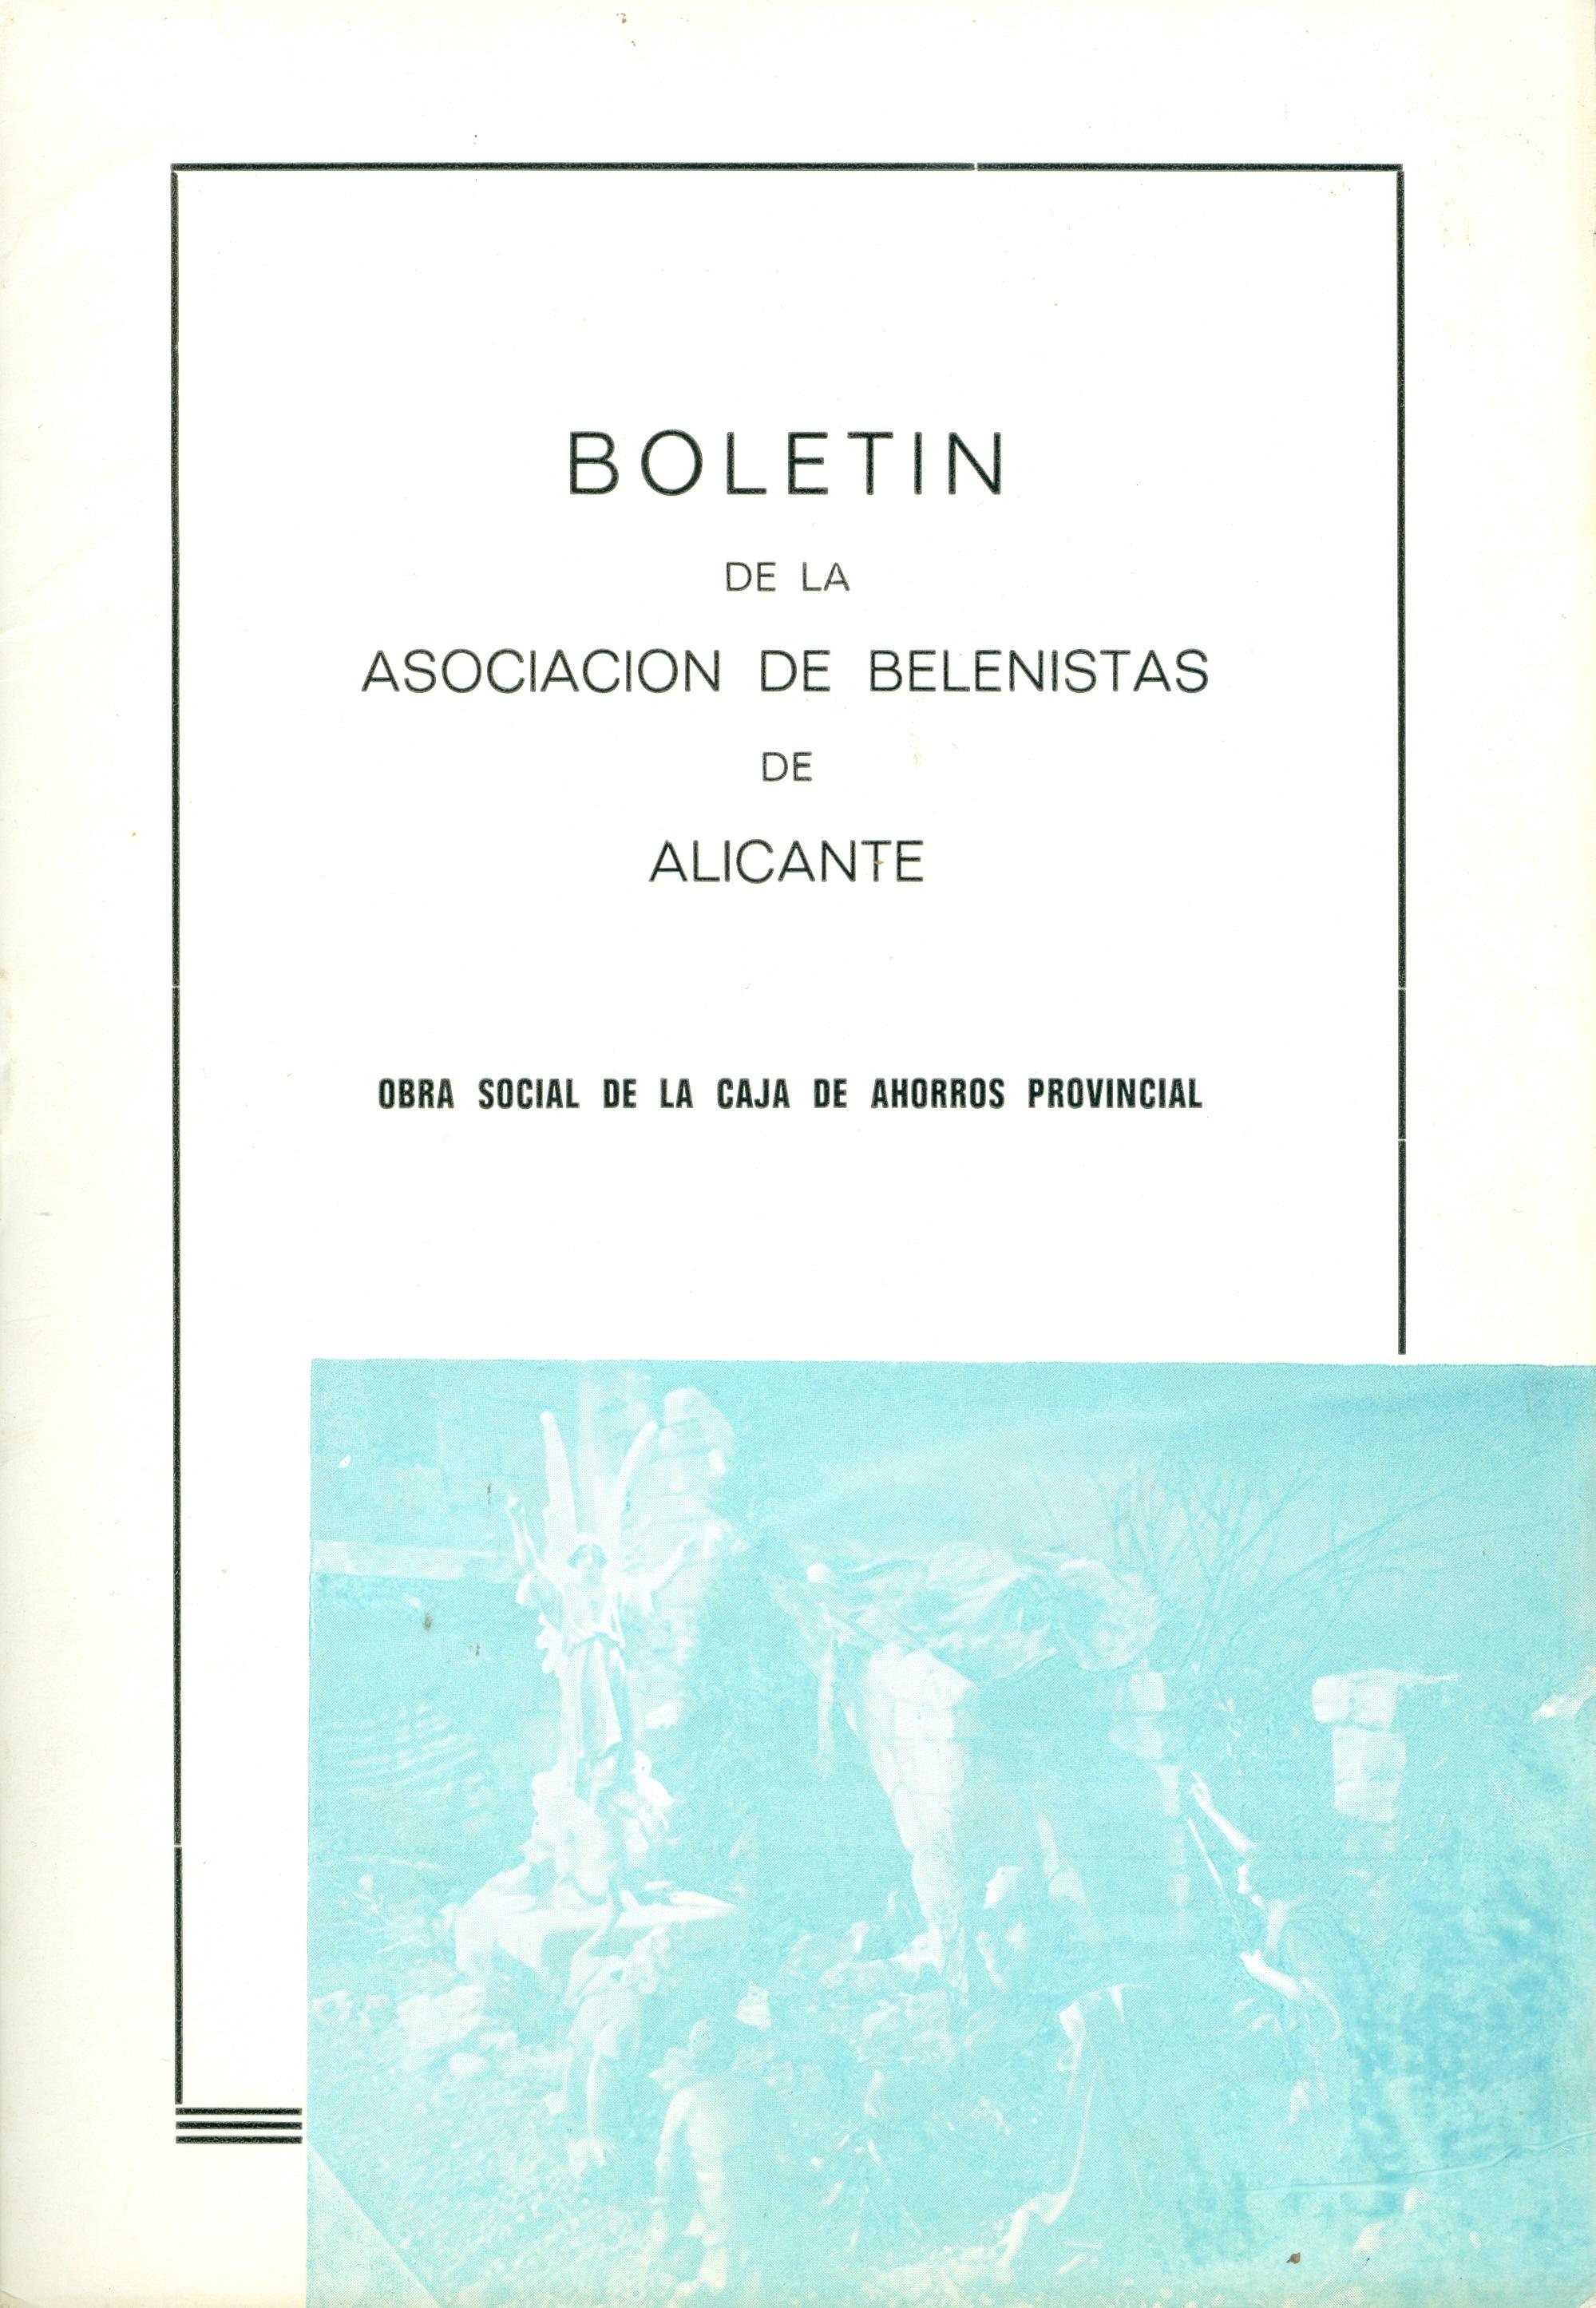 Portada del Boletín Nº 12 - 1973, de la Asociación de Belenistas de Alicante